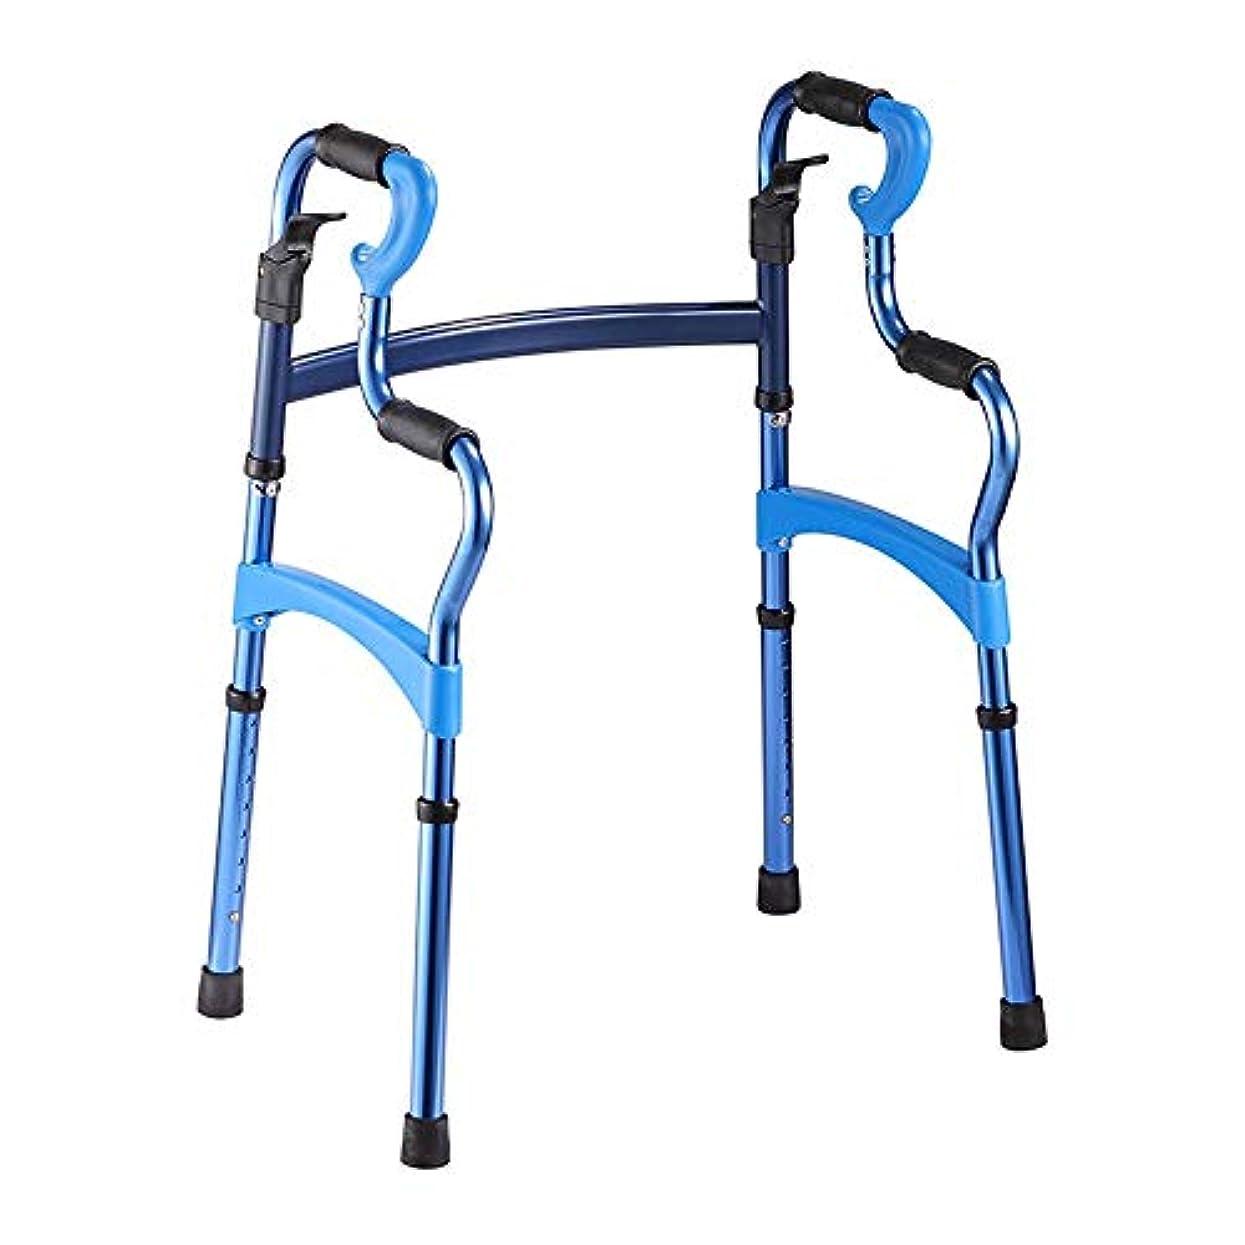 に付けるゾーン十二高齢者、障害者、障害者、または負傷者のための調整可能な折りたたみ歩行補助具、軽量で調整可能な移動補助具